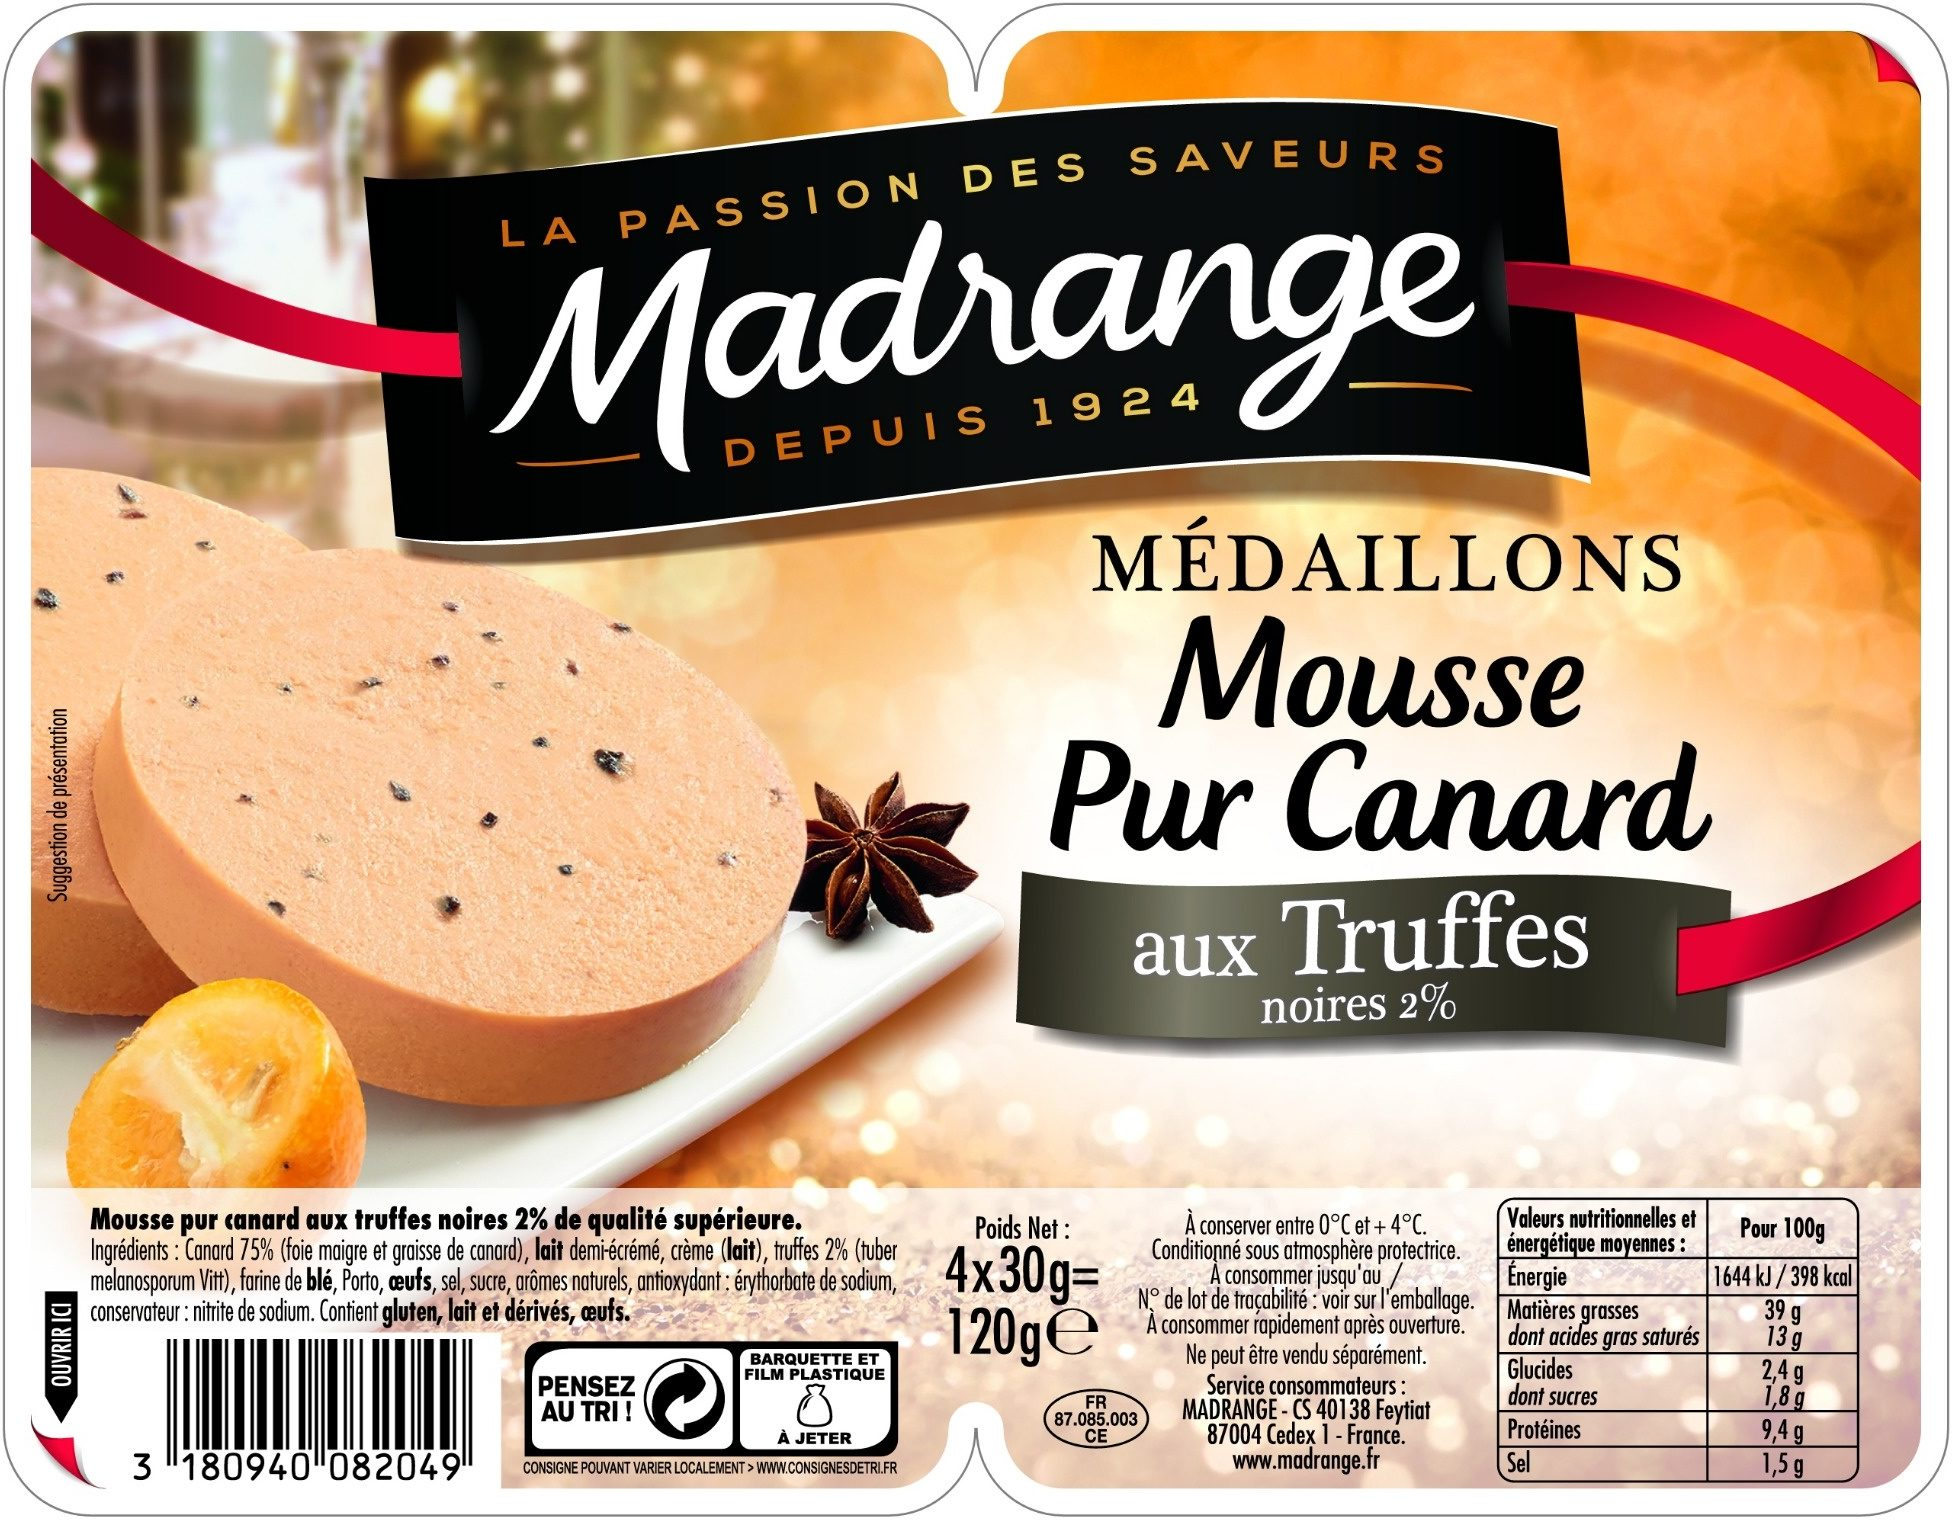 Médaillons Mousse Pur Canard aux Truffes noires - Produit